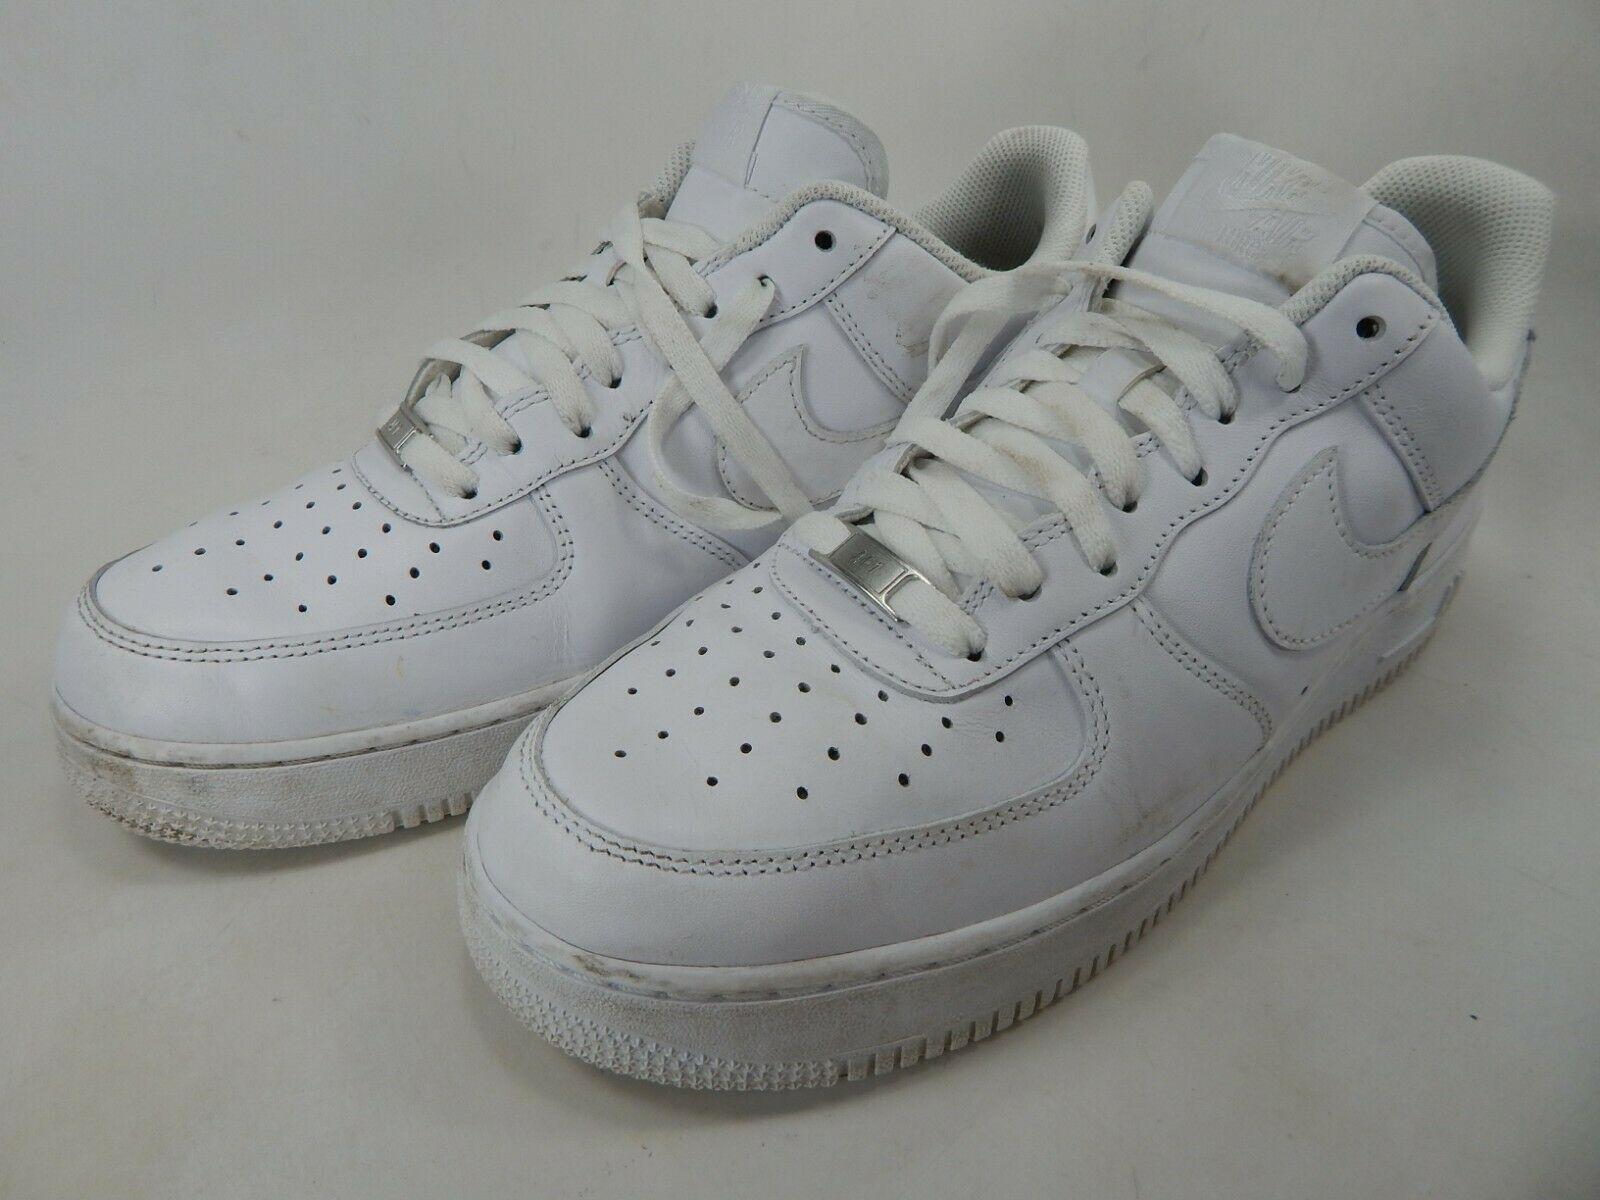 Nike Fuerza Aérea 0.3m07 Talla 10.5 M (D) Eu 44.5 Hombre Zapatillas 315122-111